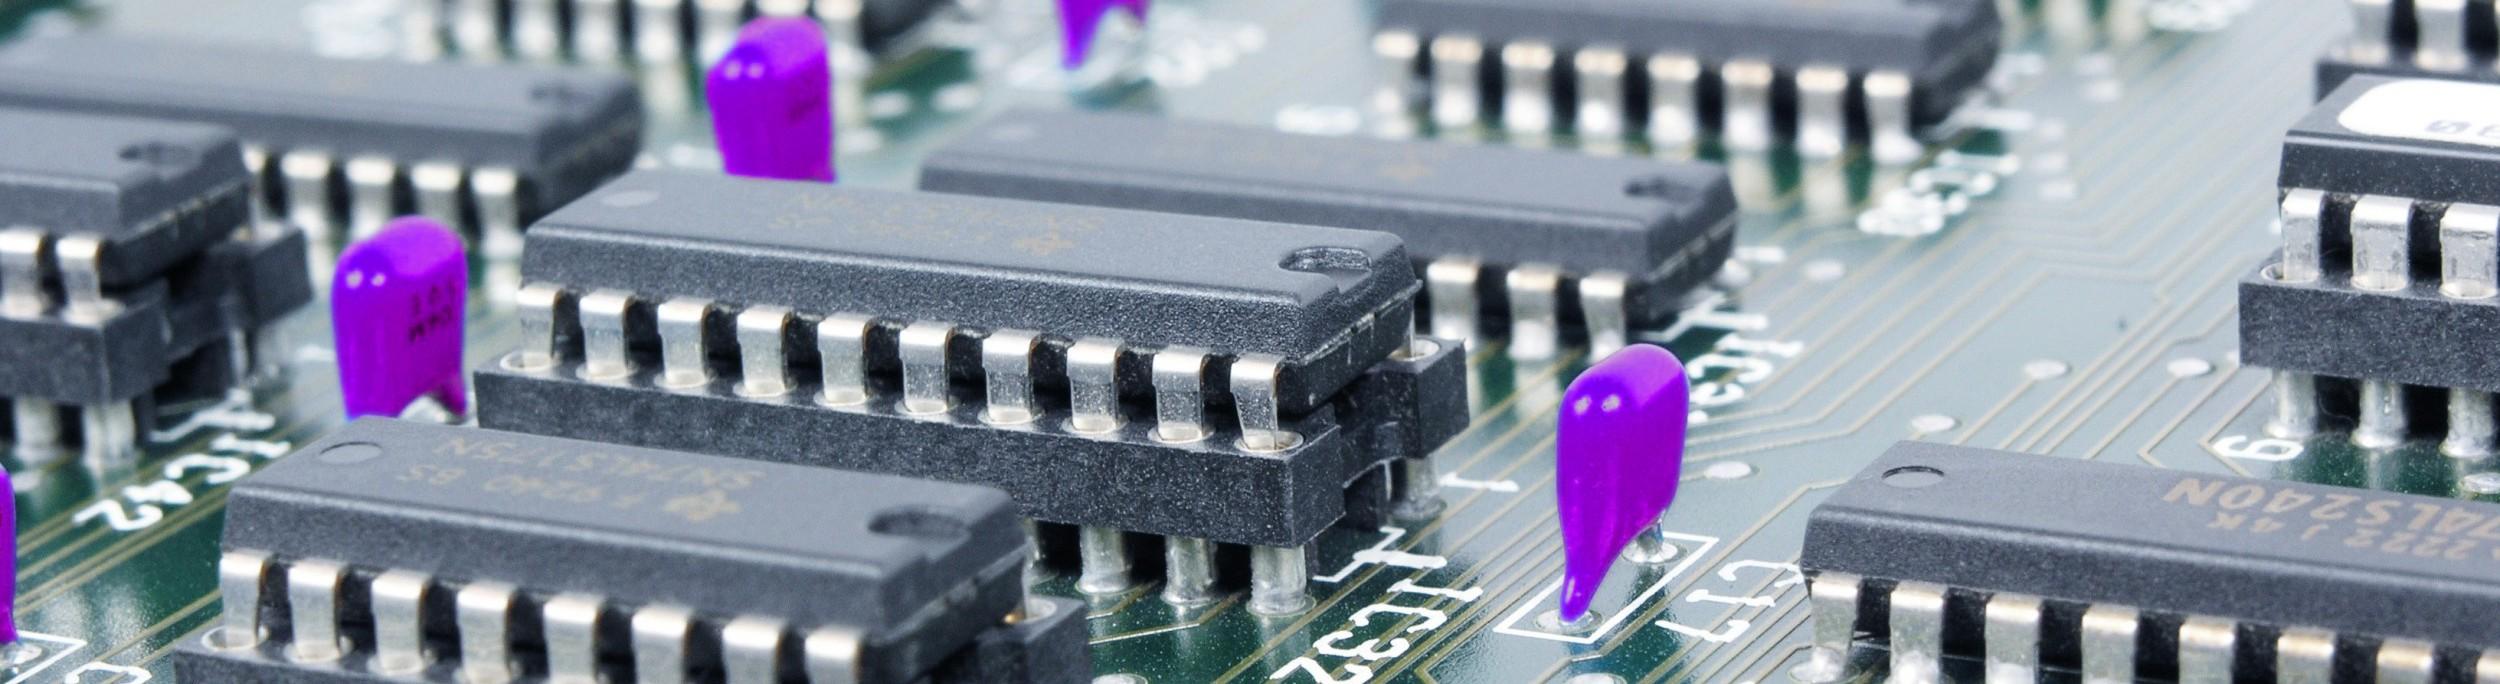 Acom Systemtechnik GmbH